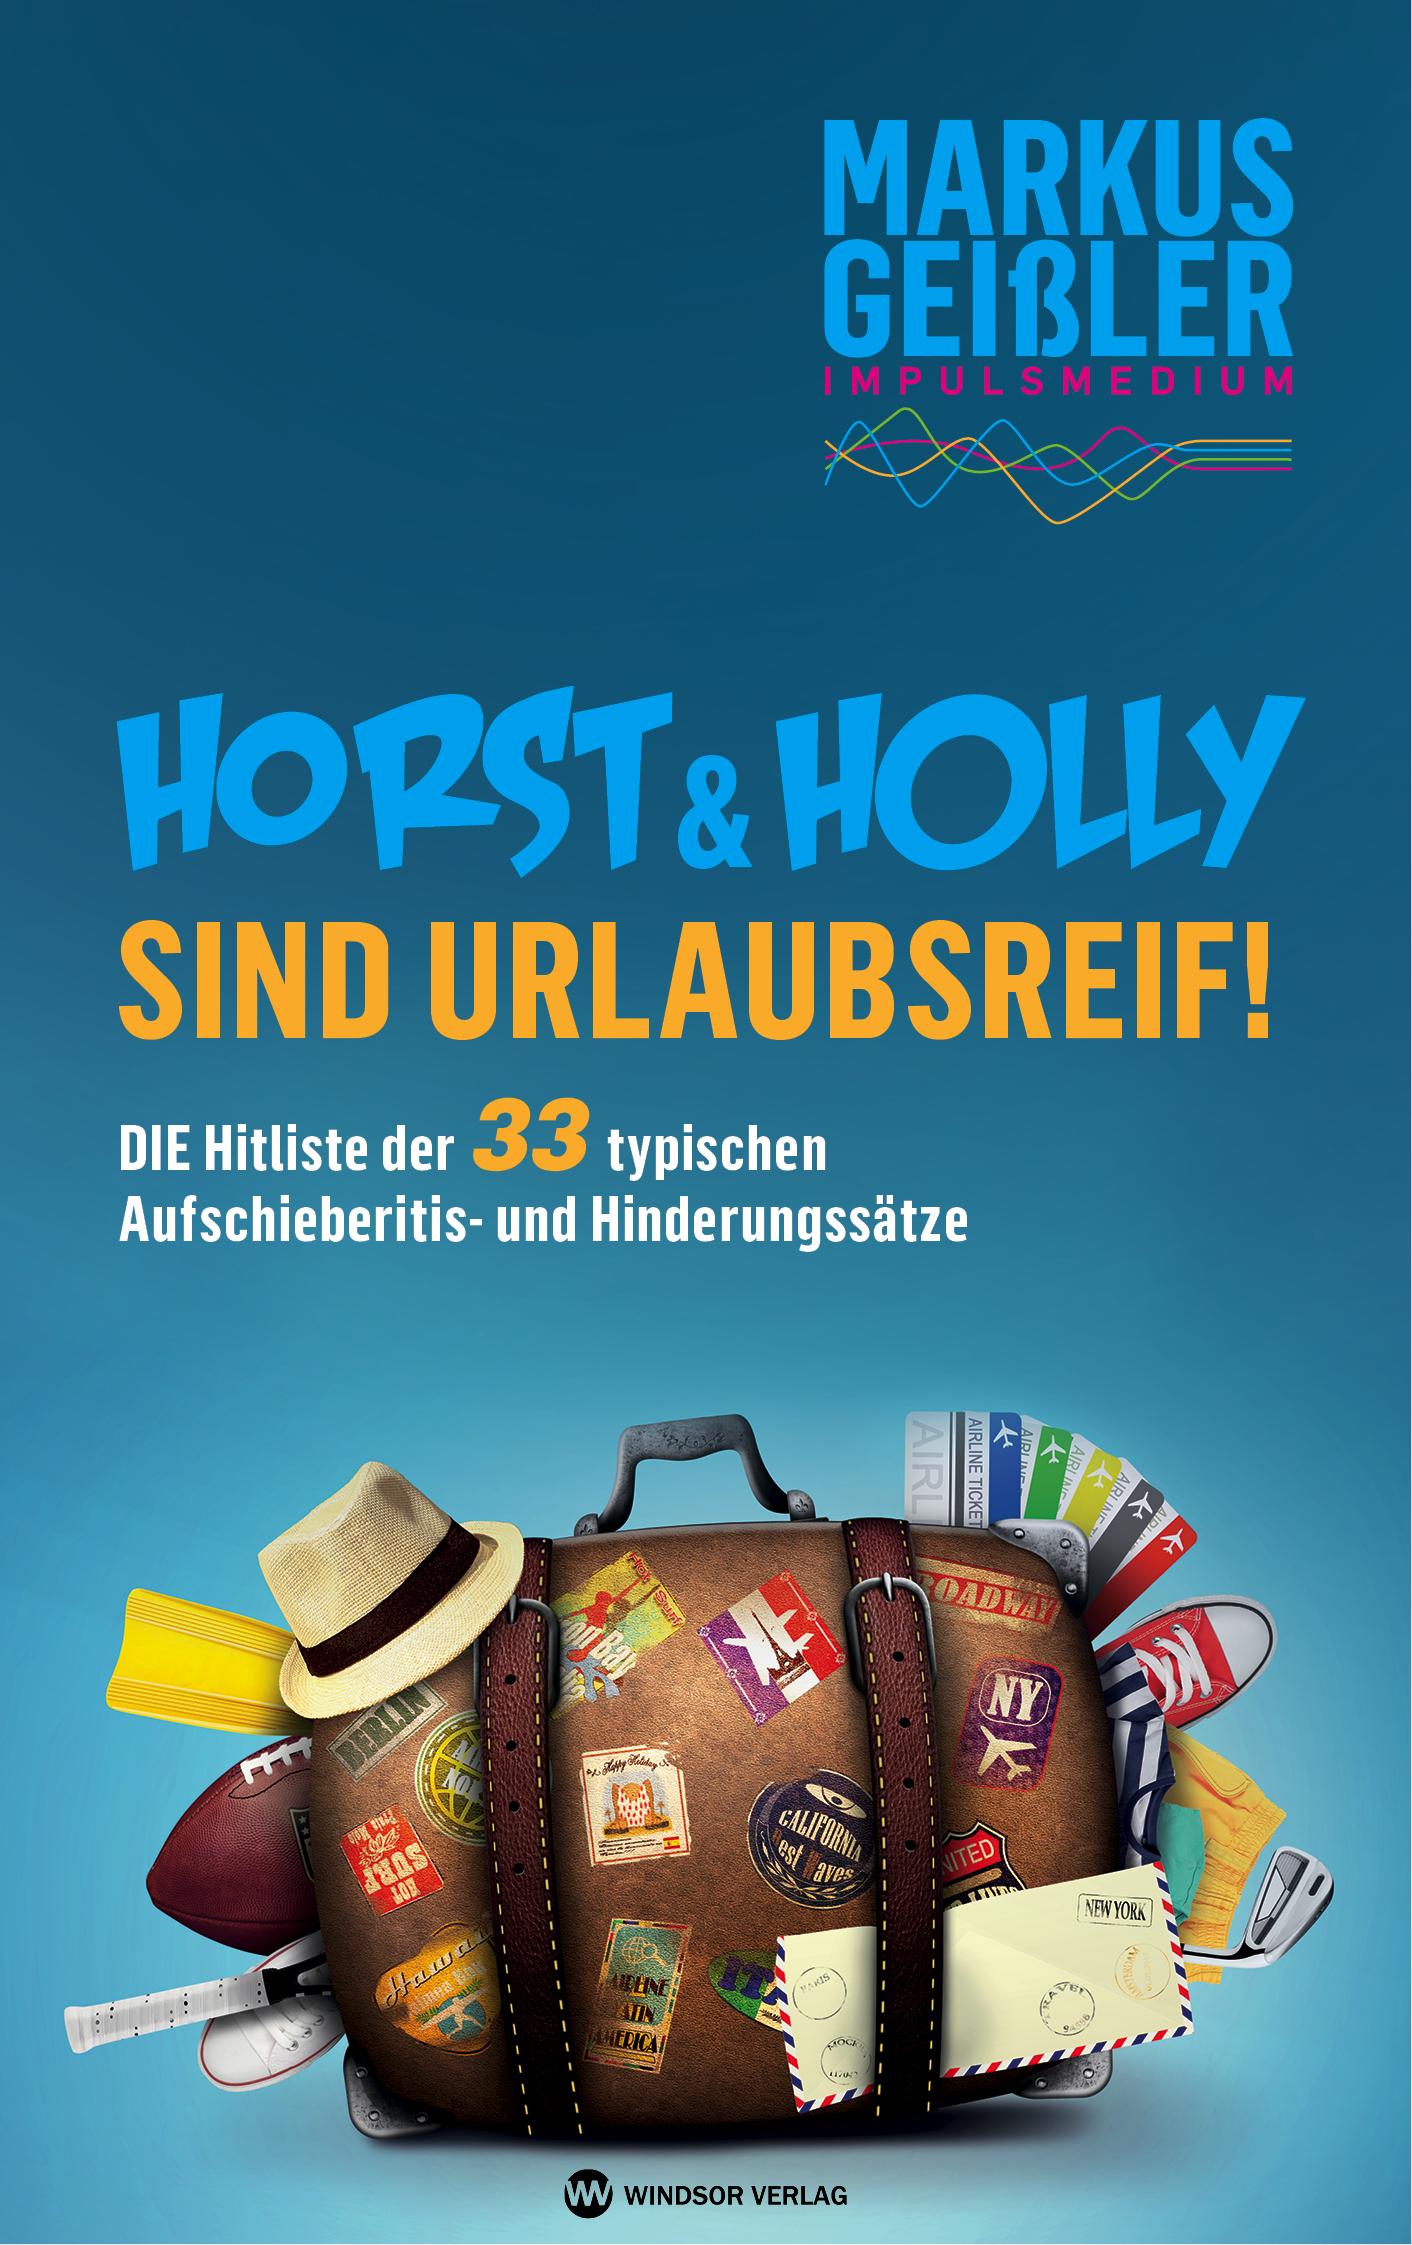 Horst und Holly sind urlaubsreif das neue E.-Book von Markus Geißler